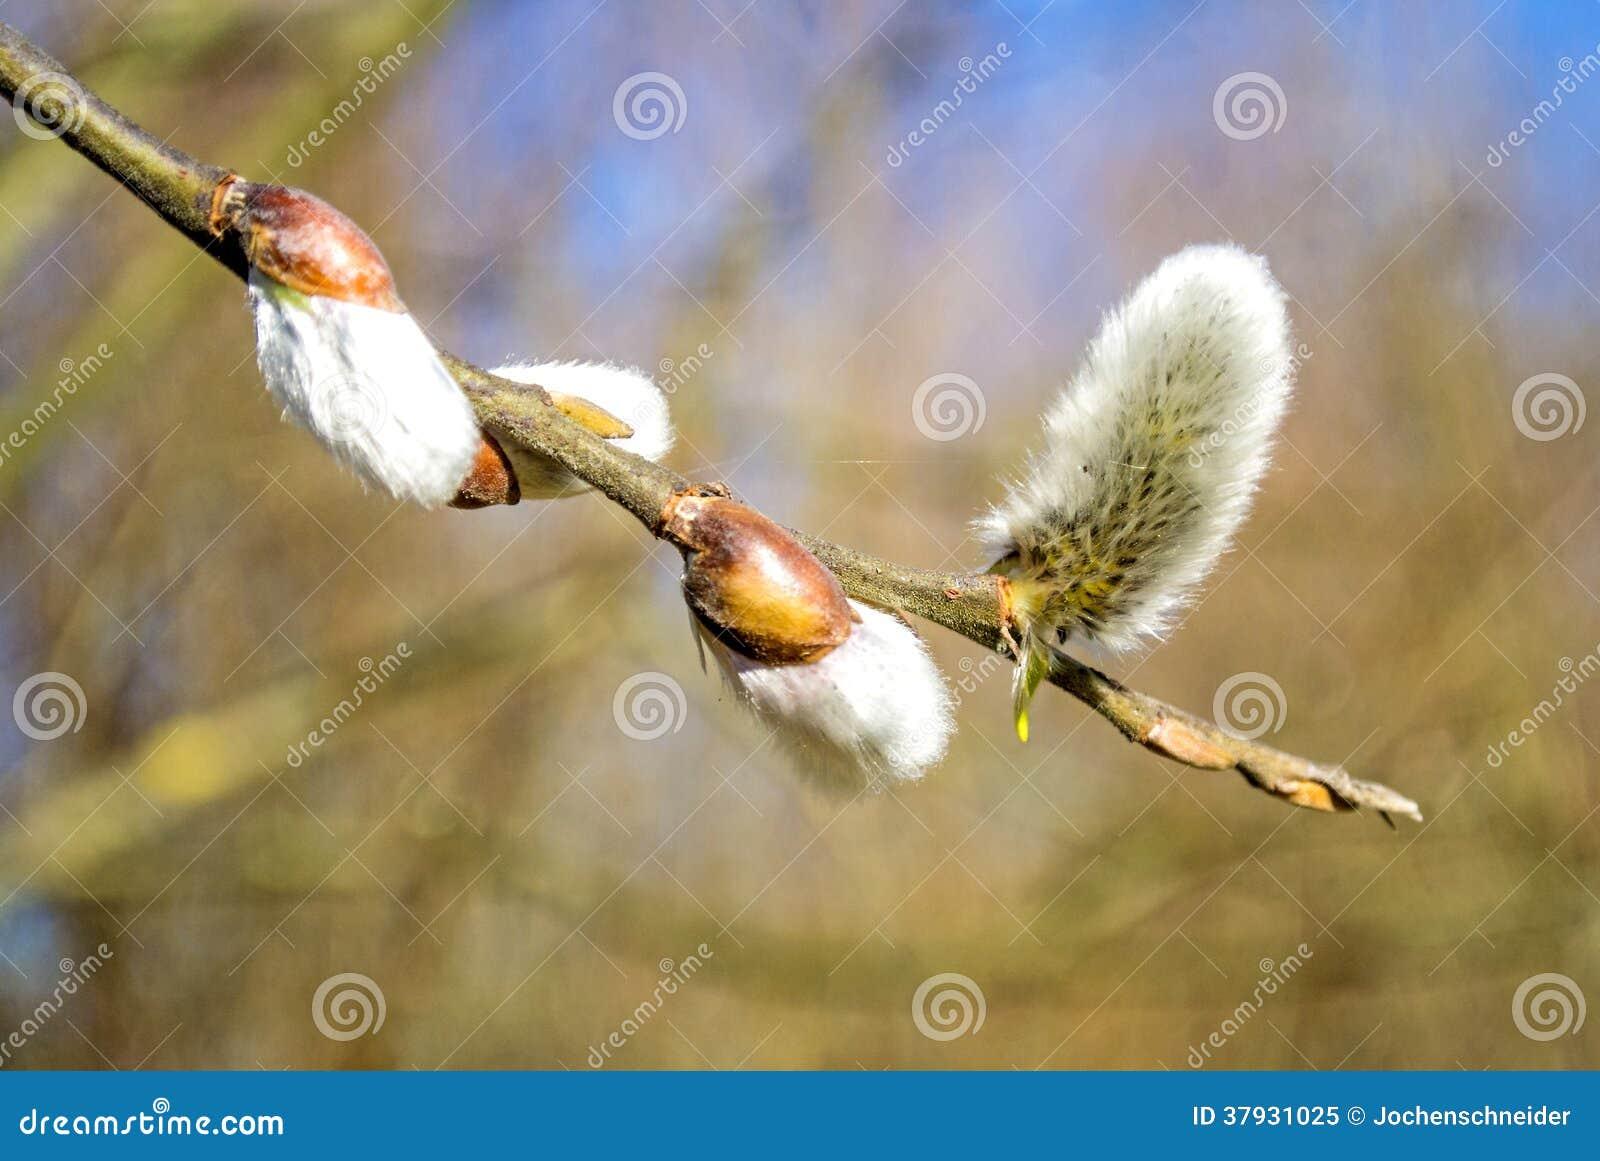 Цветение вербы